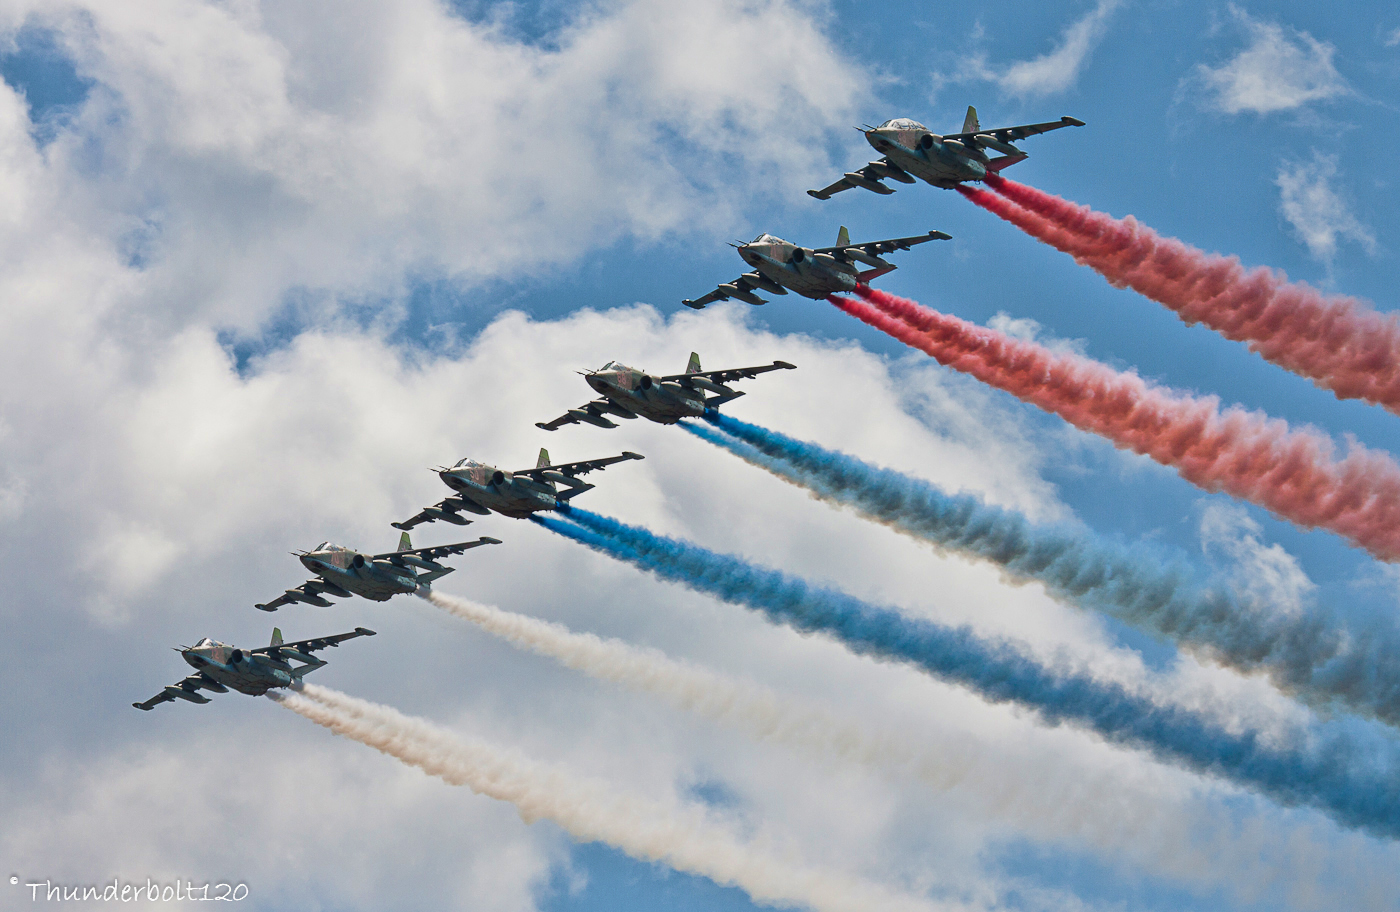 https://thunderbolt120.deviantart.com/art/6x-Su-25-Russian-flag-352757398